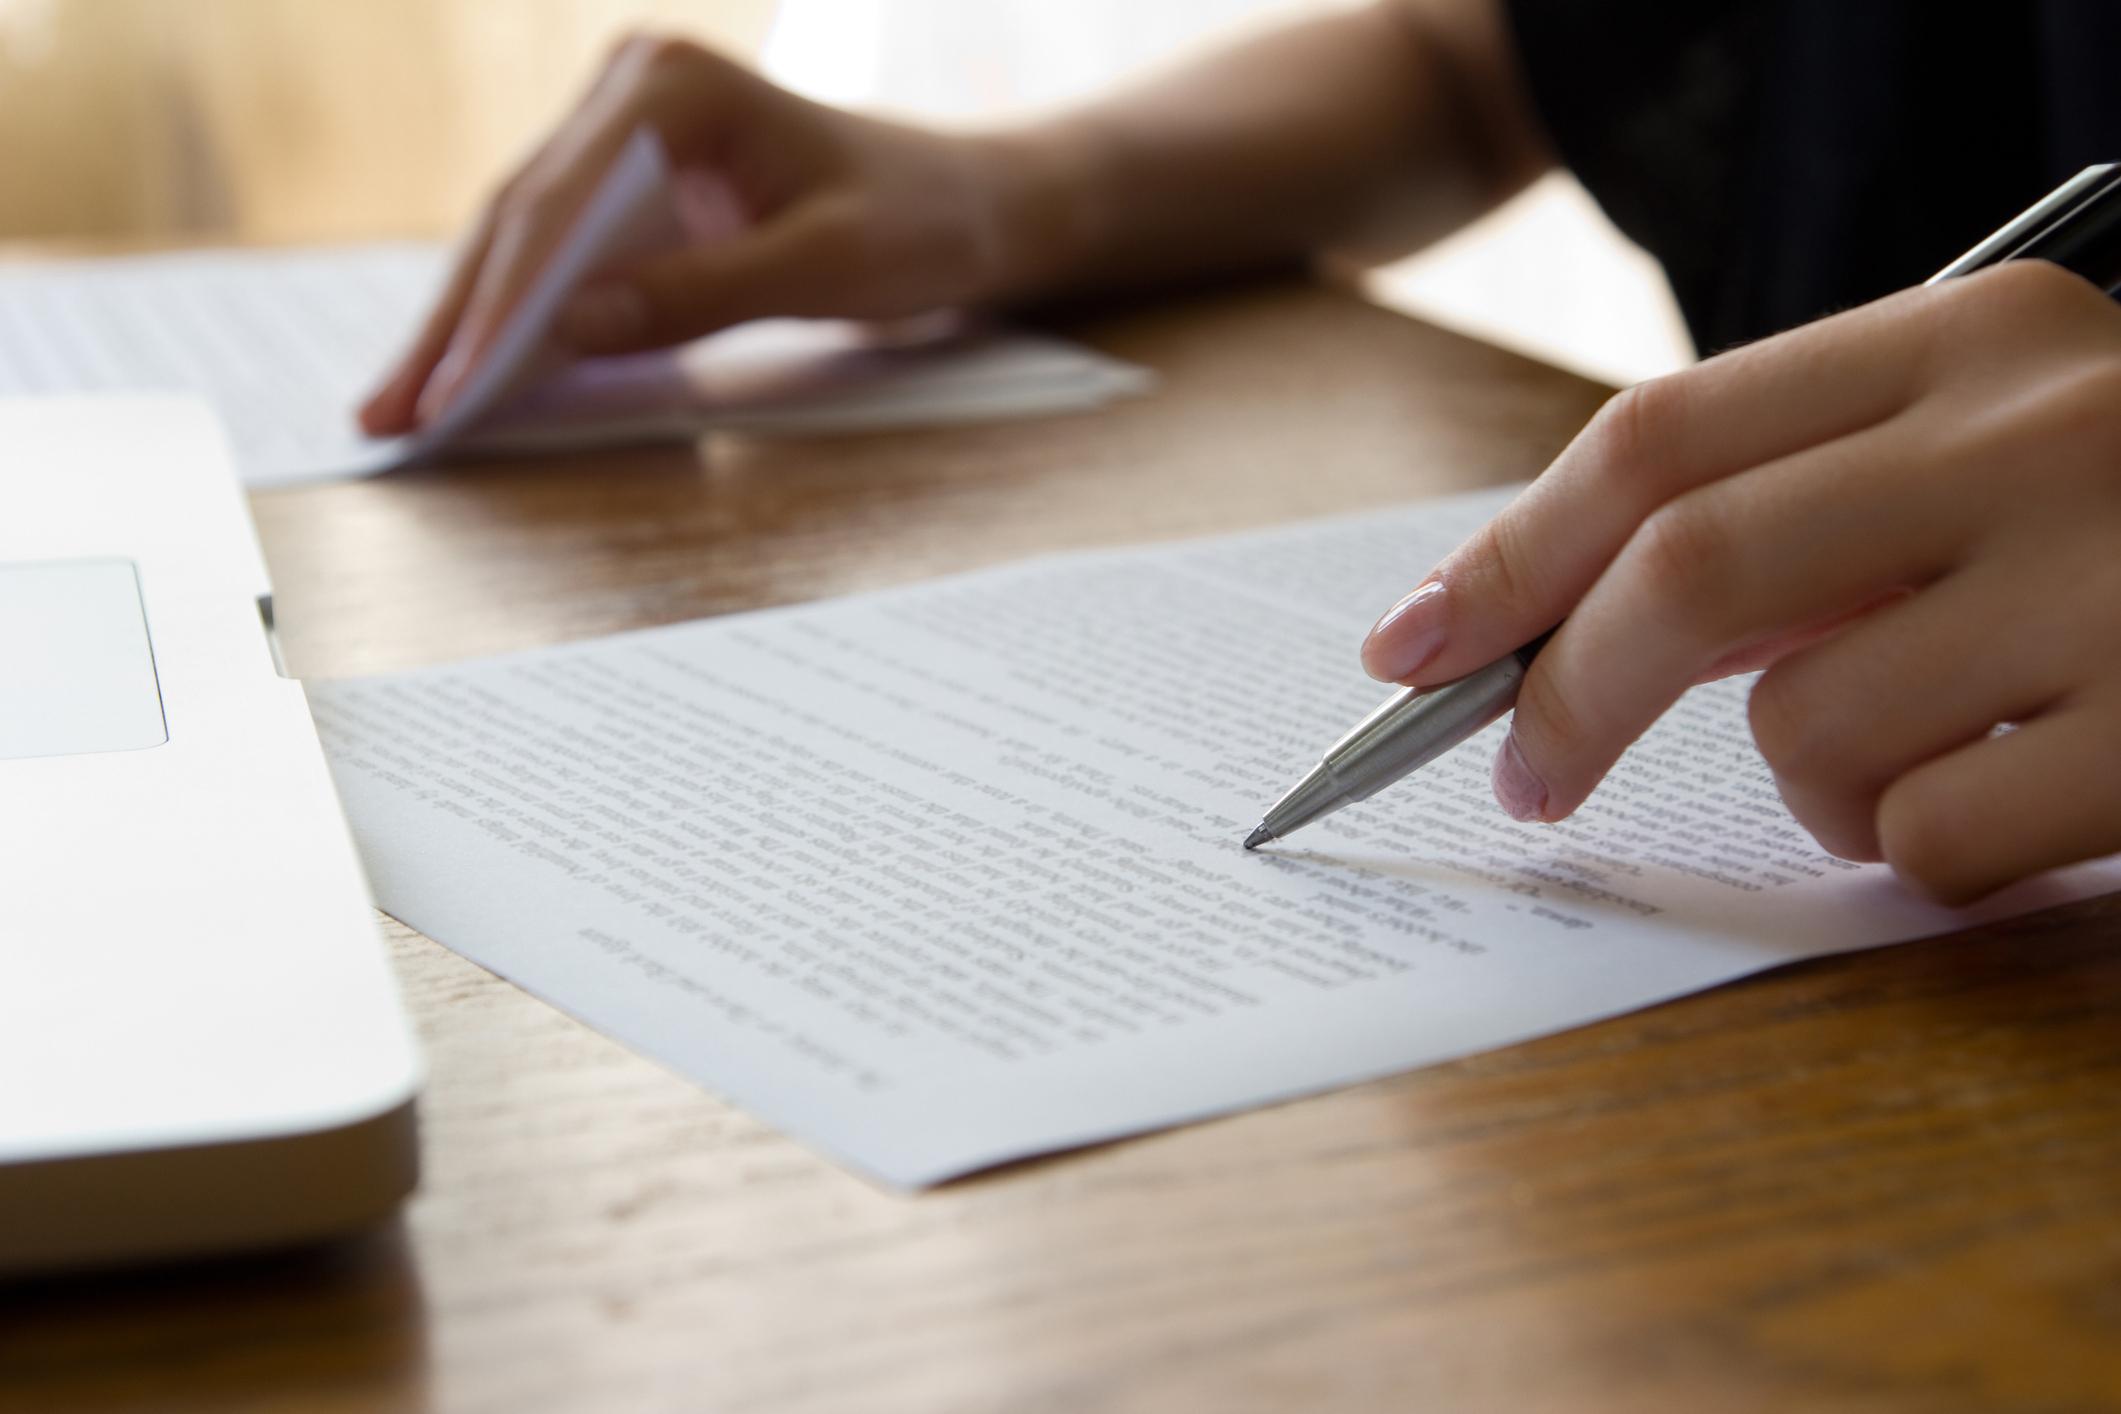 סימני פיסוק שכל סופר חייב להכיר